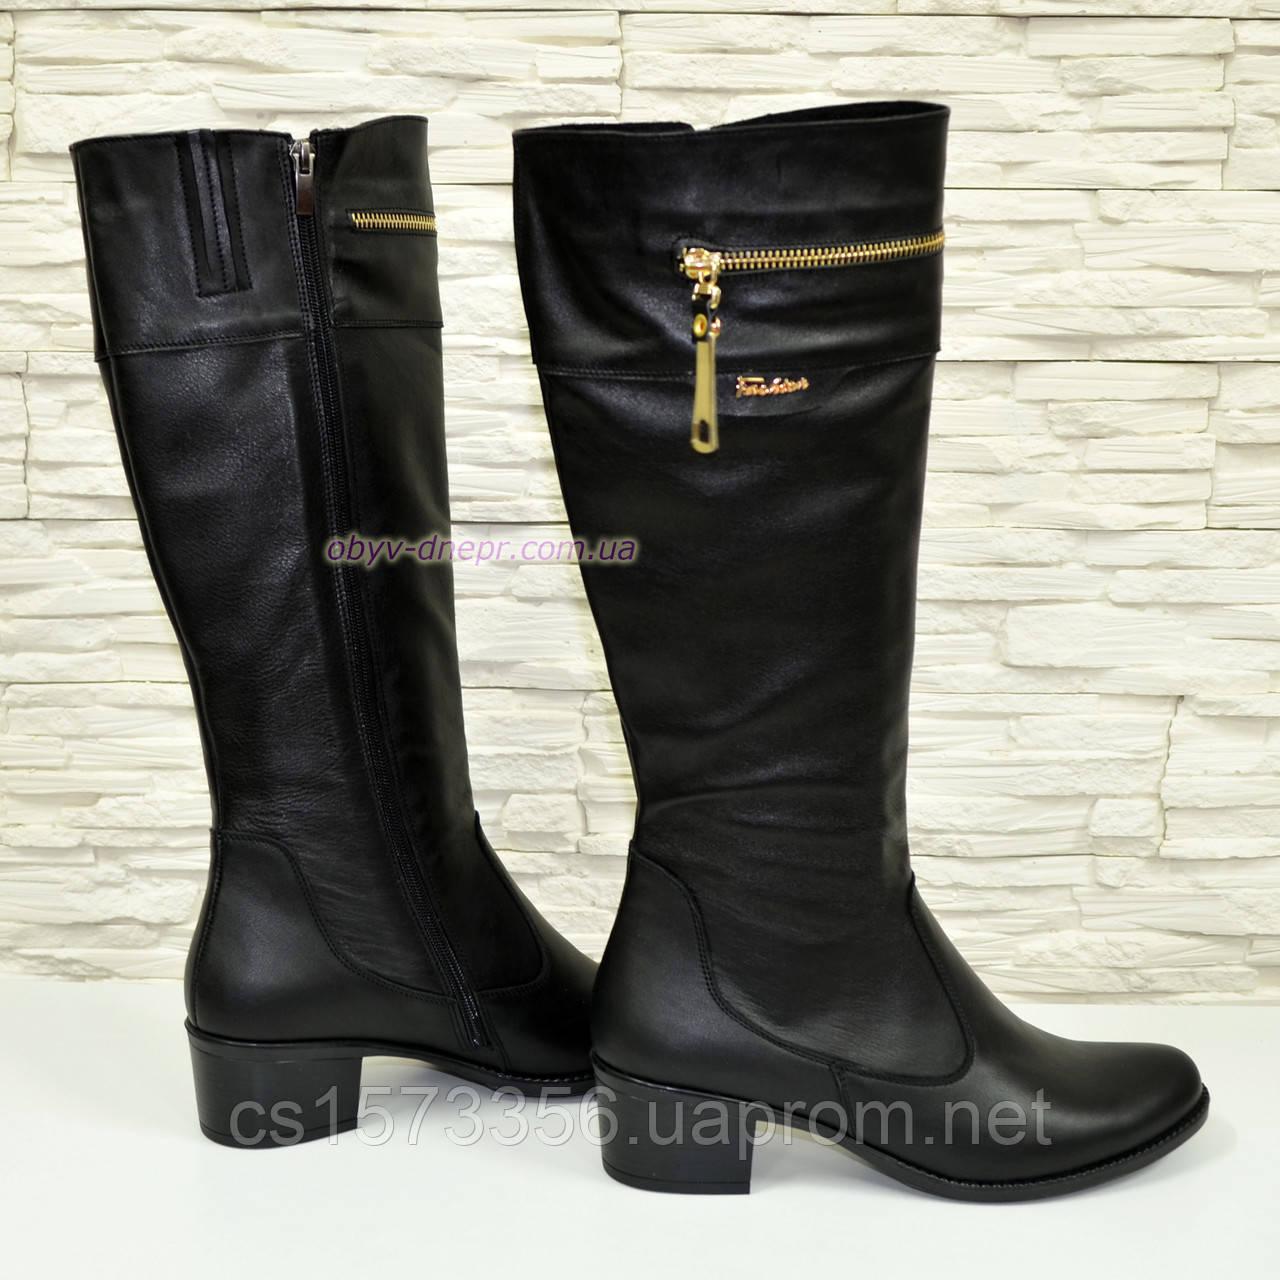 Сапоги женские кожаные демисезонные, устойчивый каблук.